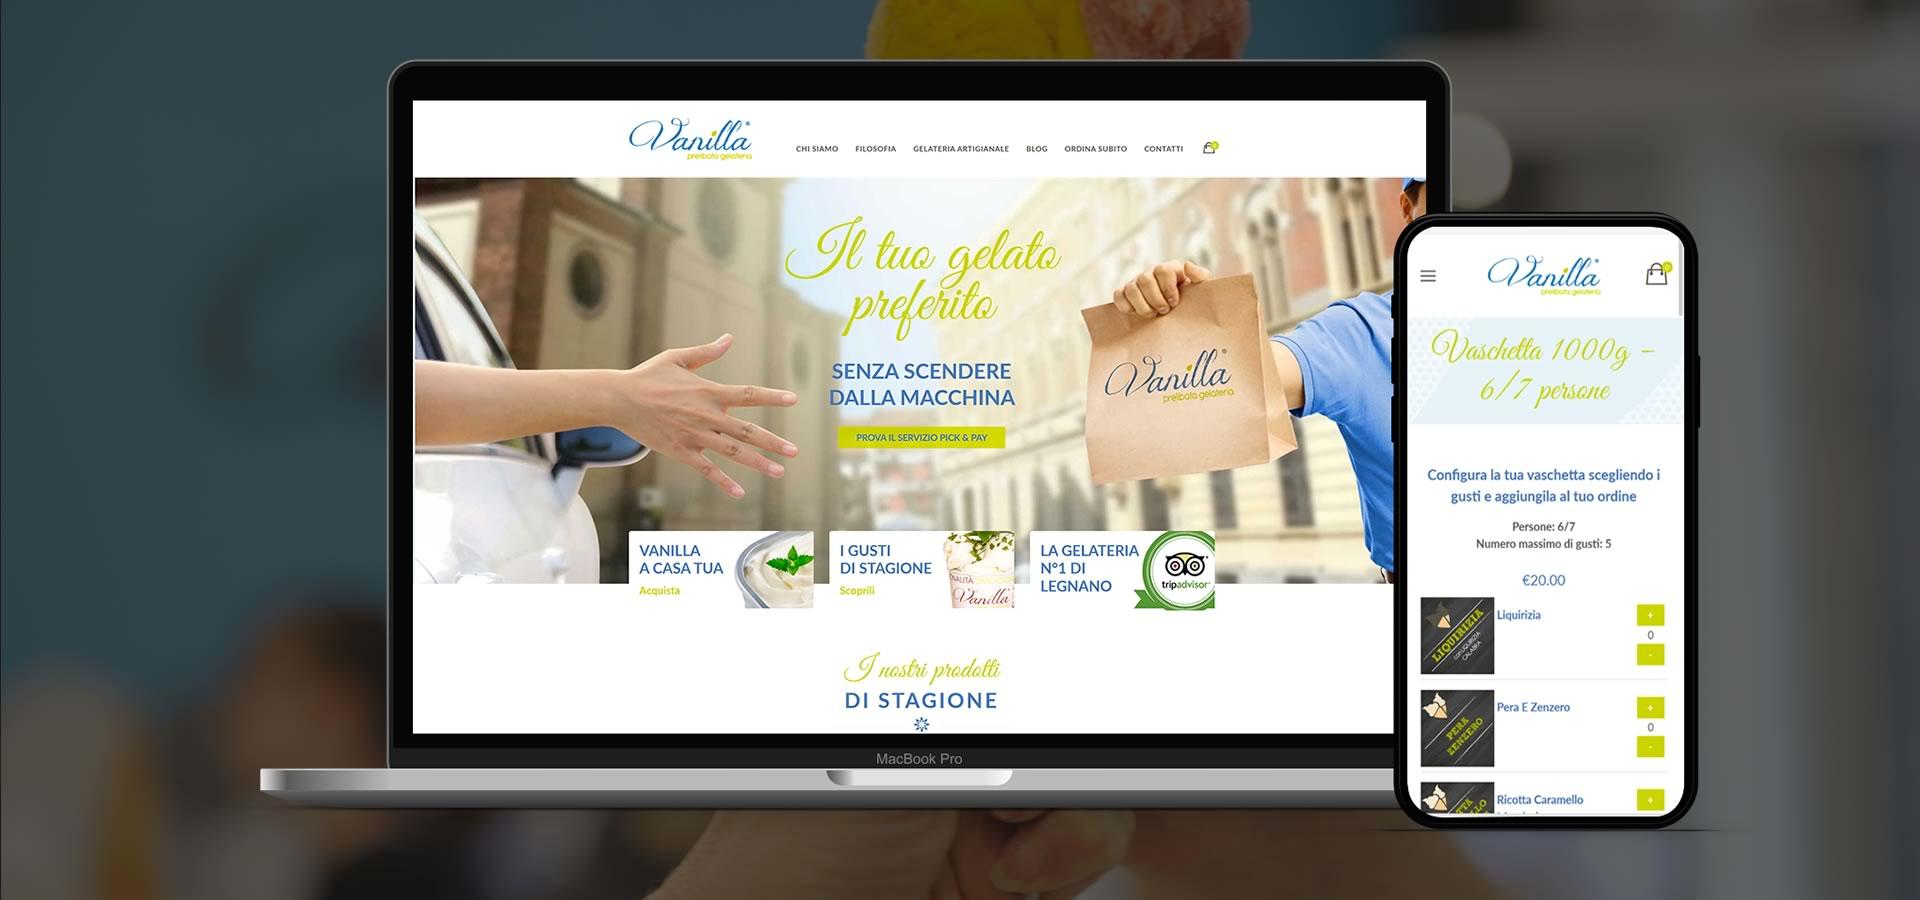 Inbound marketing ecommerce sito web vanilla gelaterie